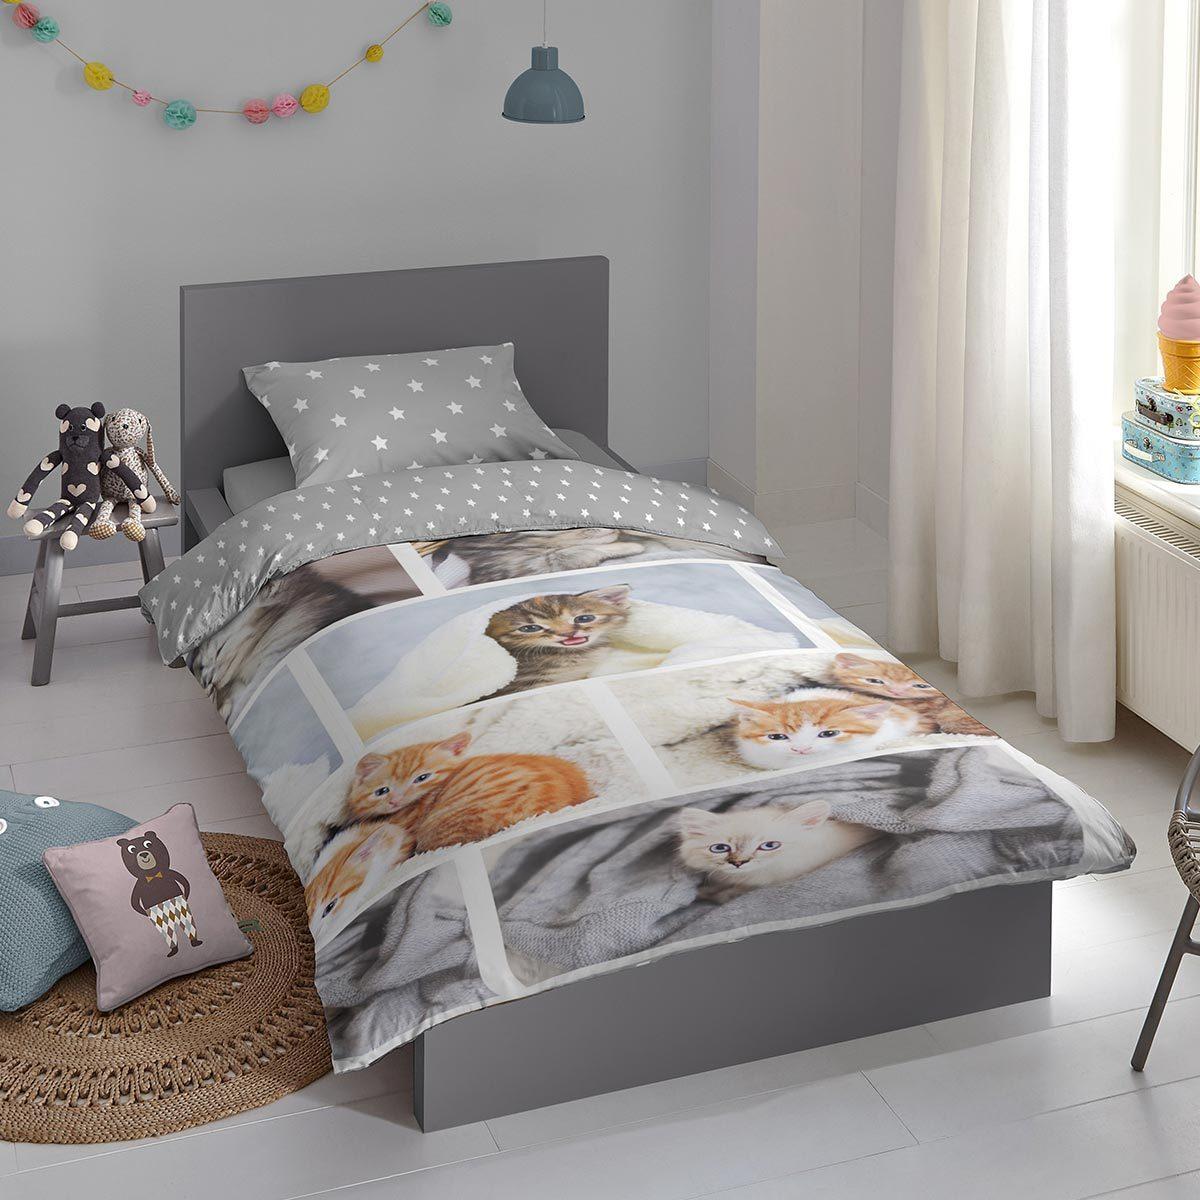 Good Morning Flanell Bettwäsche Kitty multi